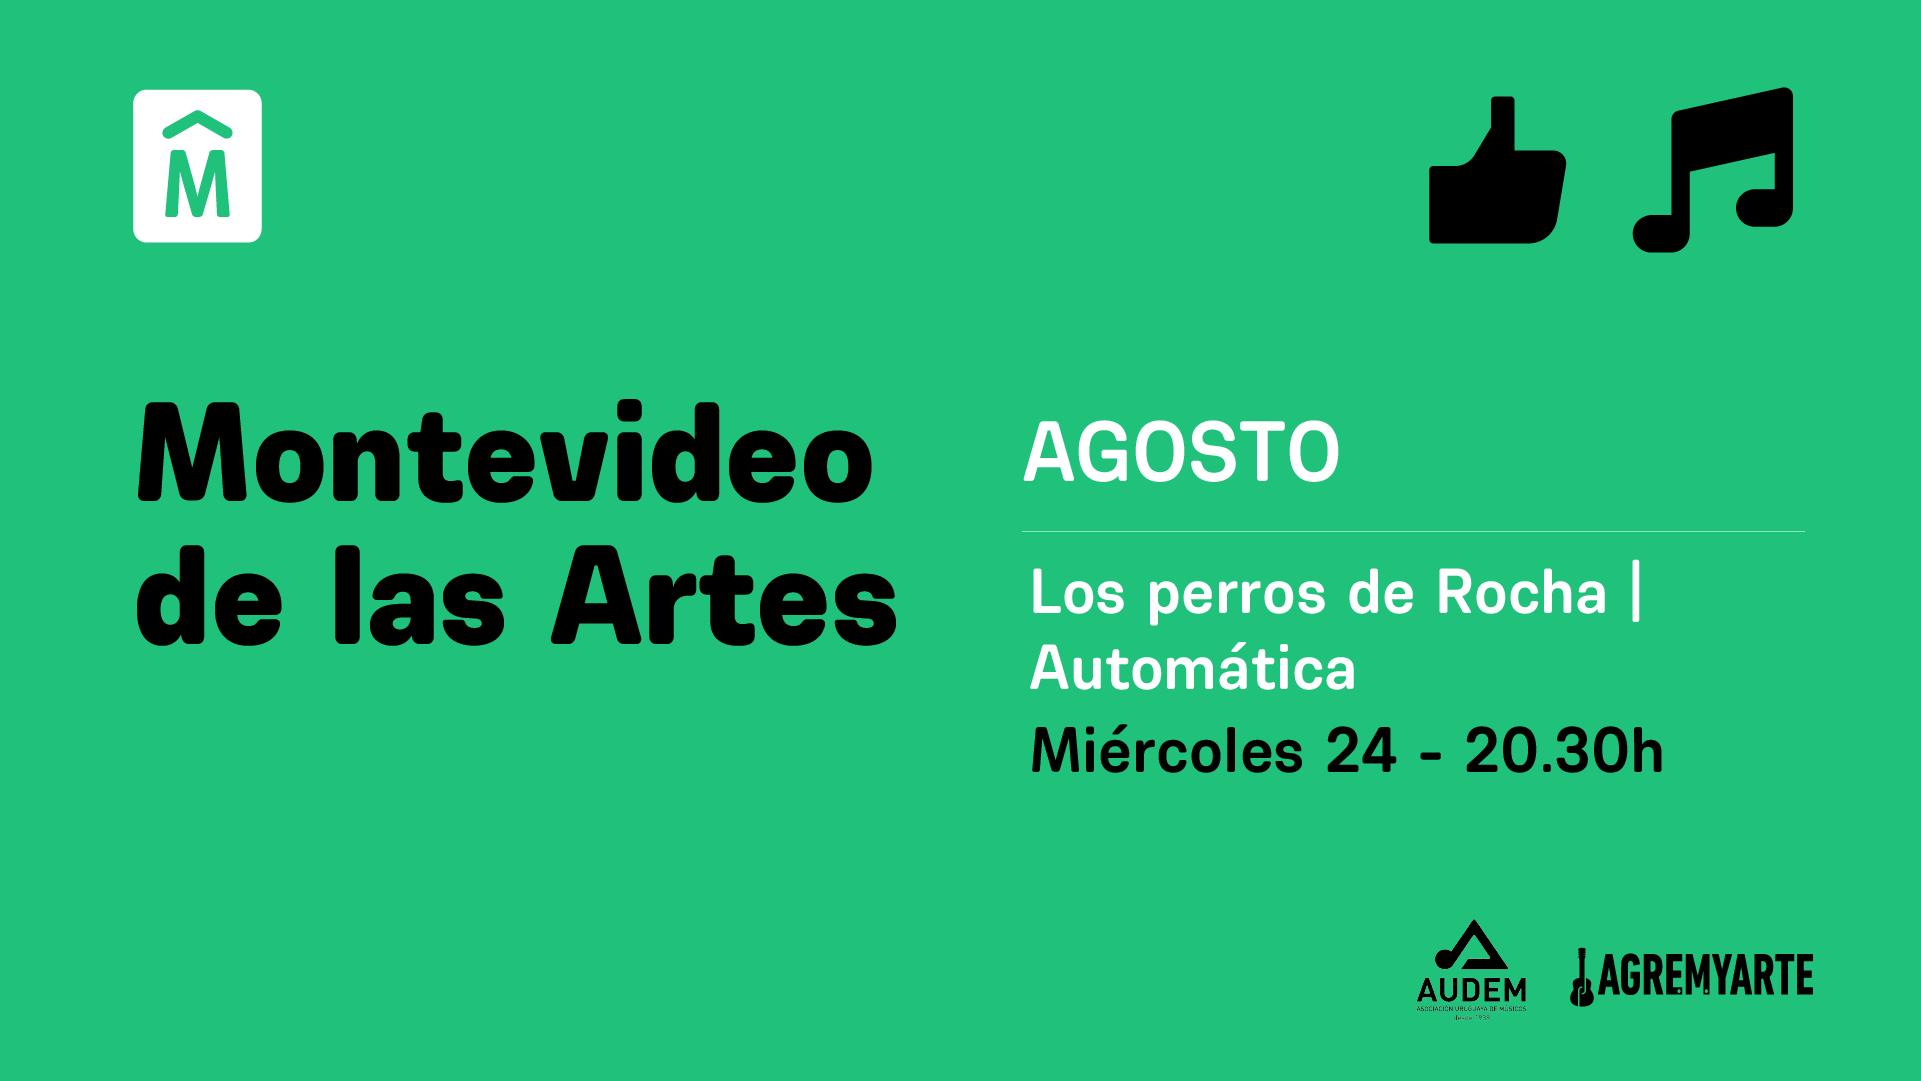 Los perros de Rocha, Automática – MVD de las Artes